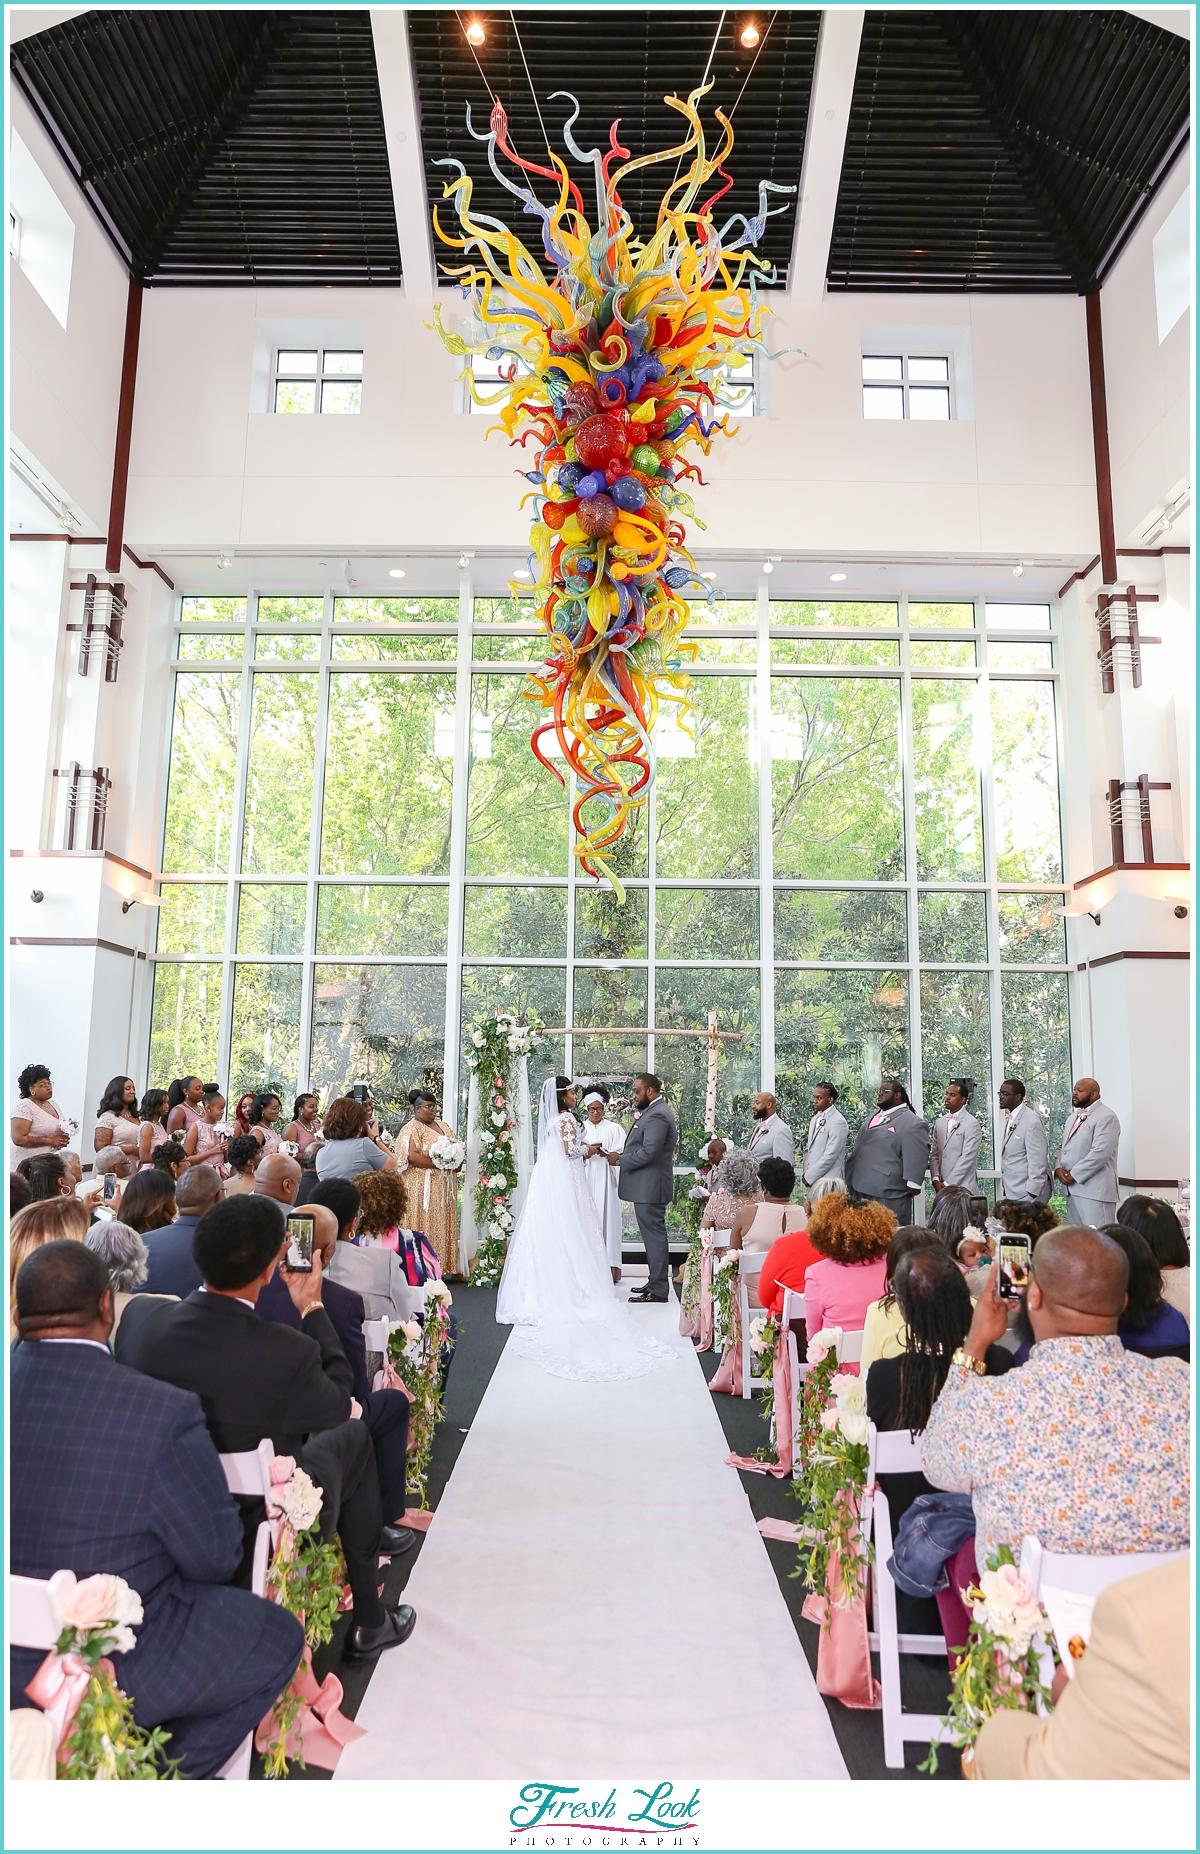 Romantic wedding ceremony at Virginia MOCA